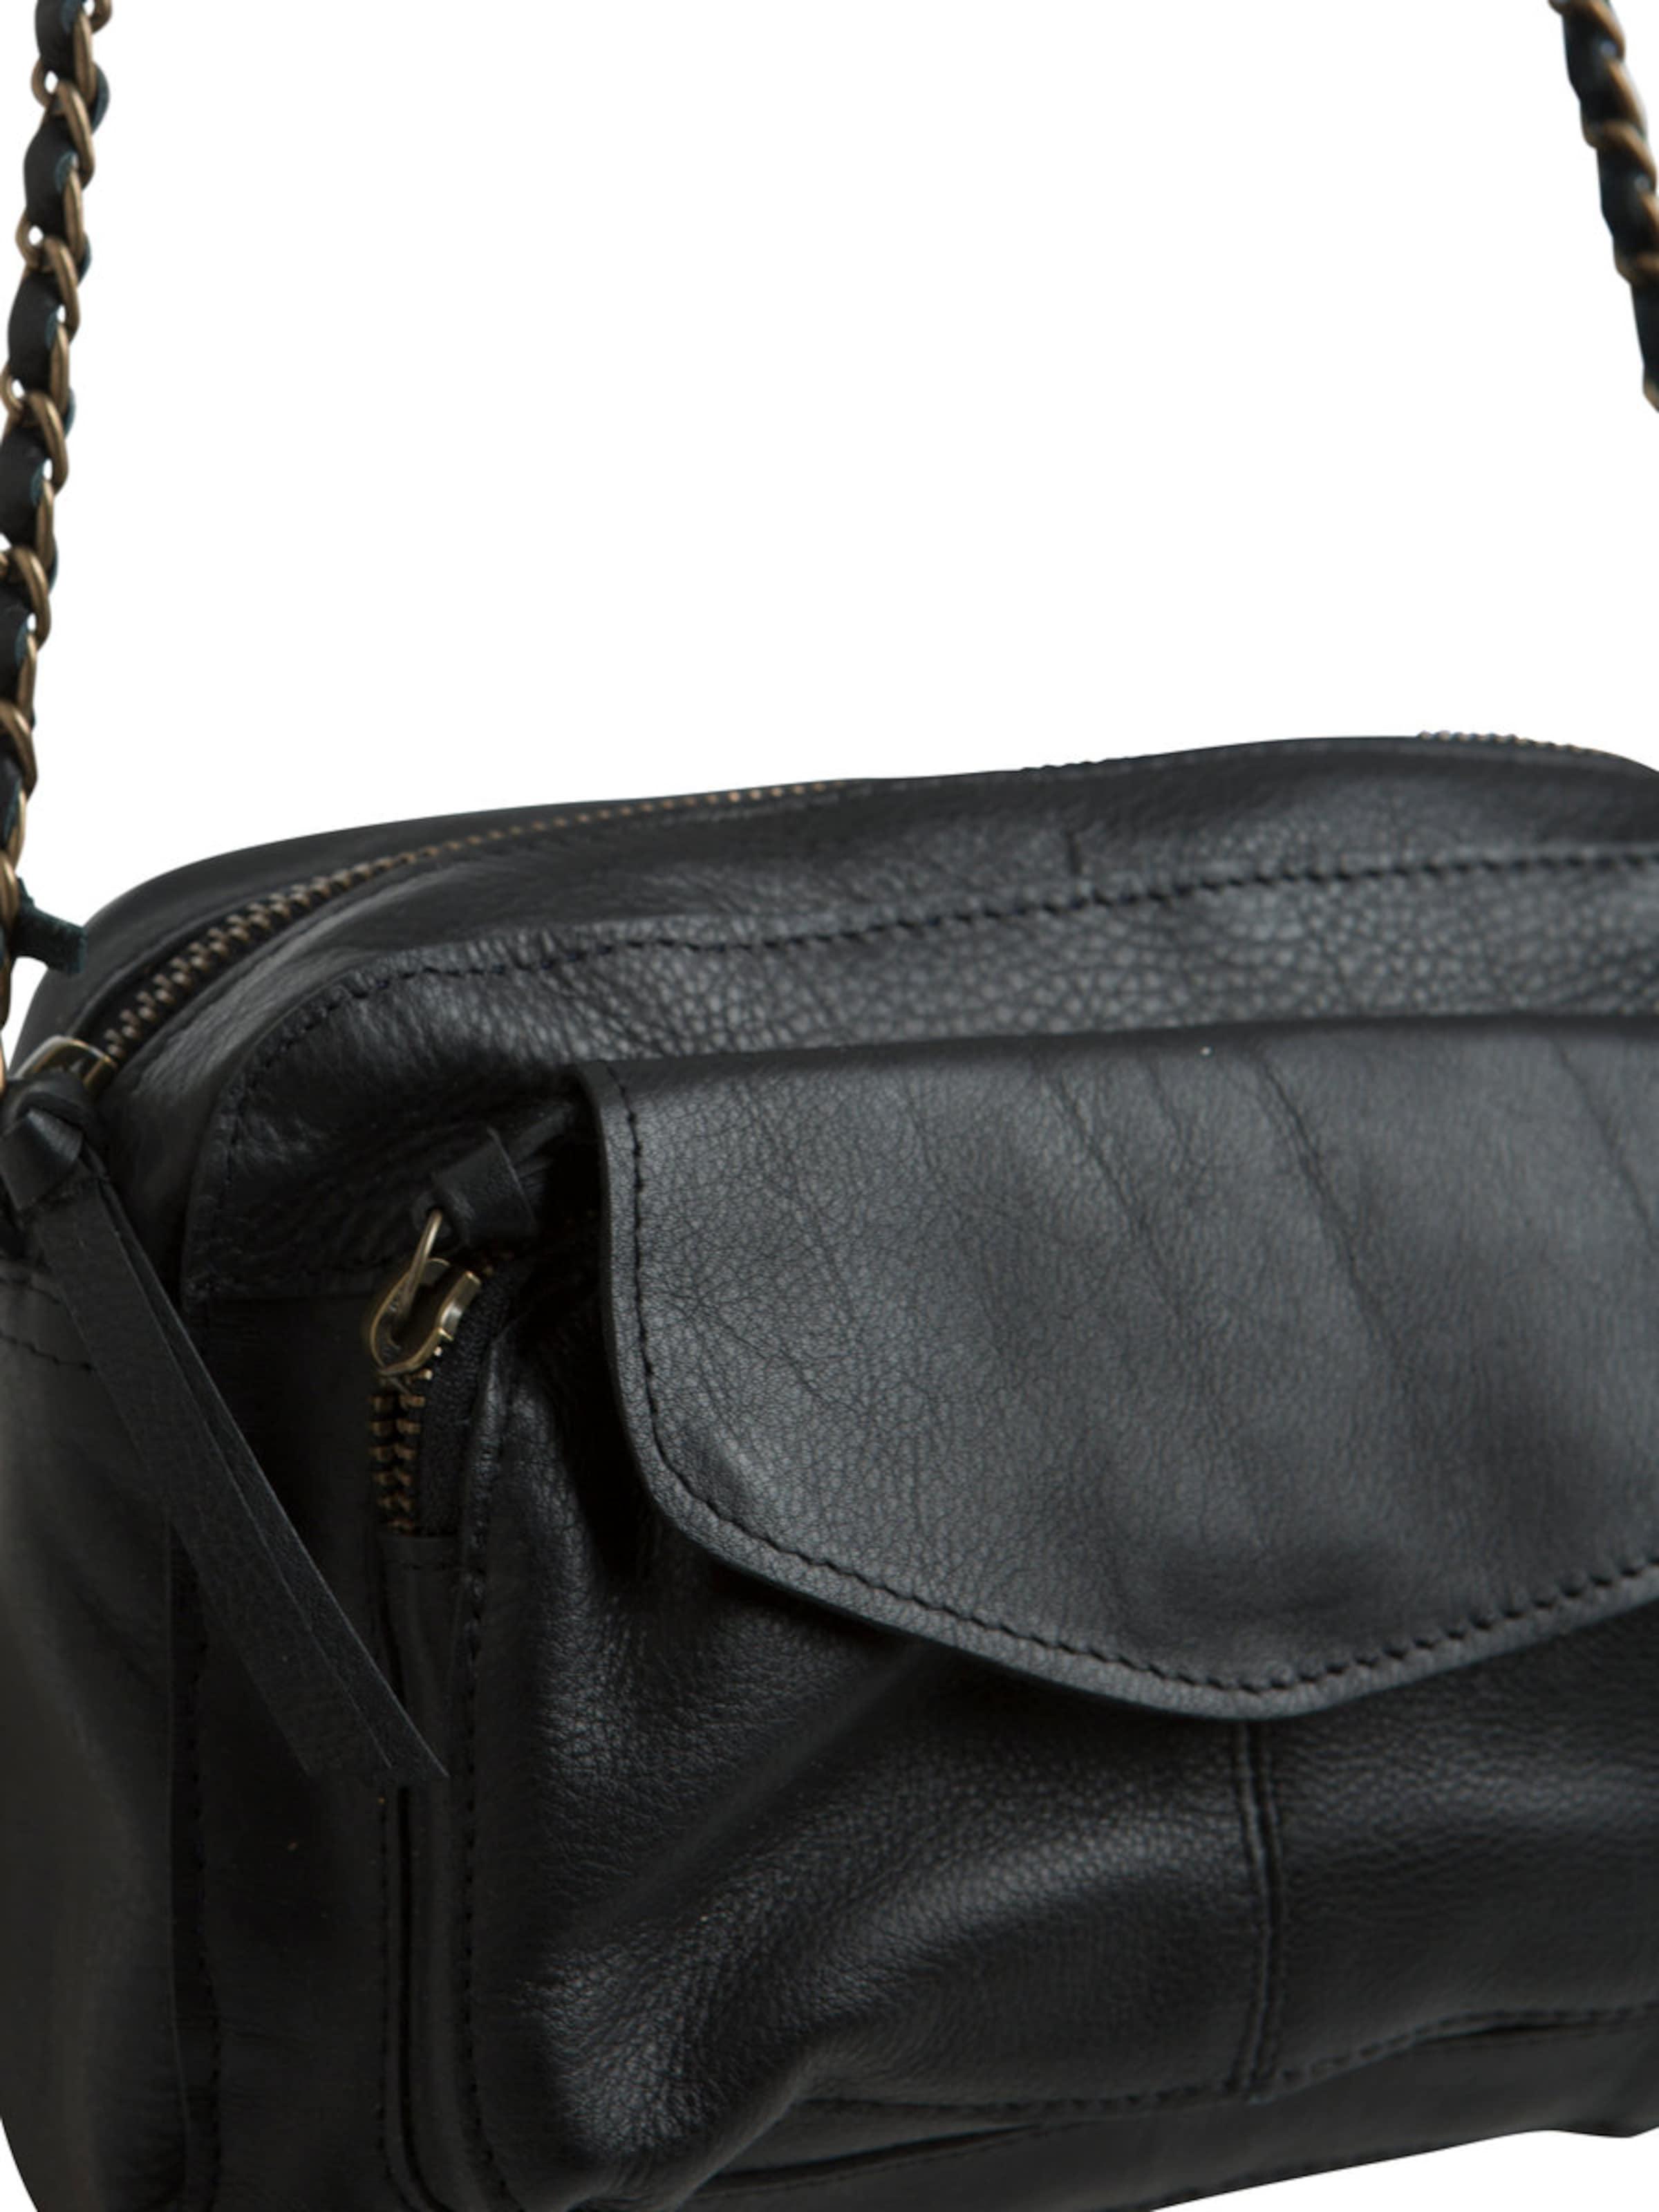 Rabatt Beliebt Neu Zu Verkaufen PIECES Leder- Umhängetasche Niedriger Versand Günstiger Preis Auslass Wirklich Offizielle Zum Verkauf Qz3uOP